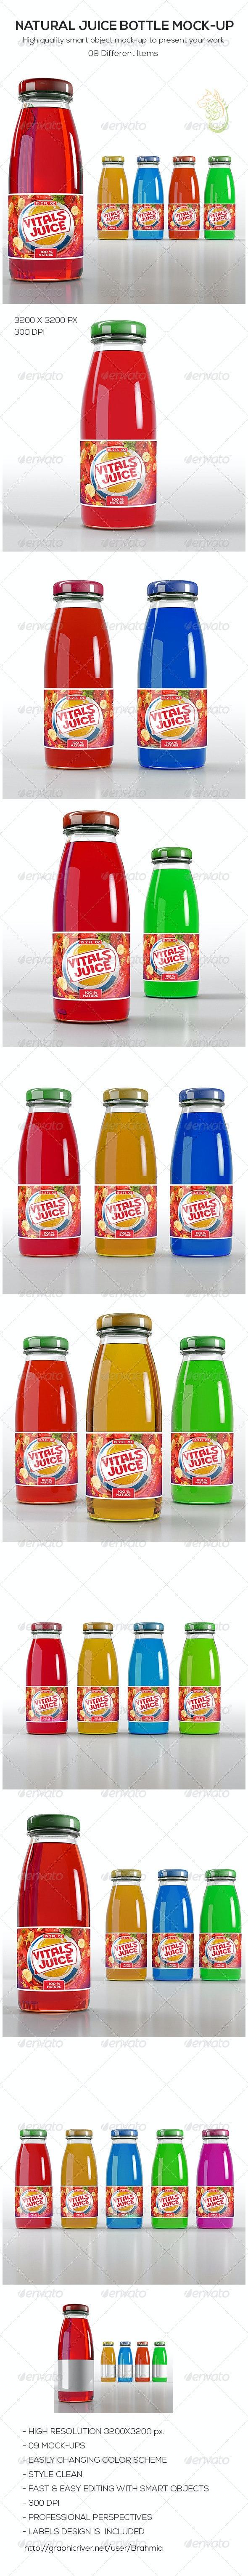 Natural Juice Bottle Mock-Up - Food and Drink Packaging